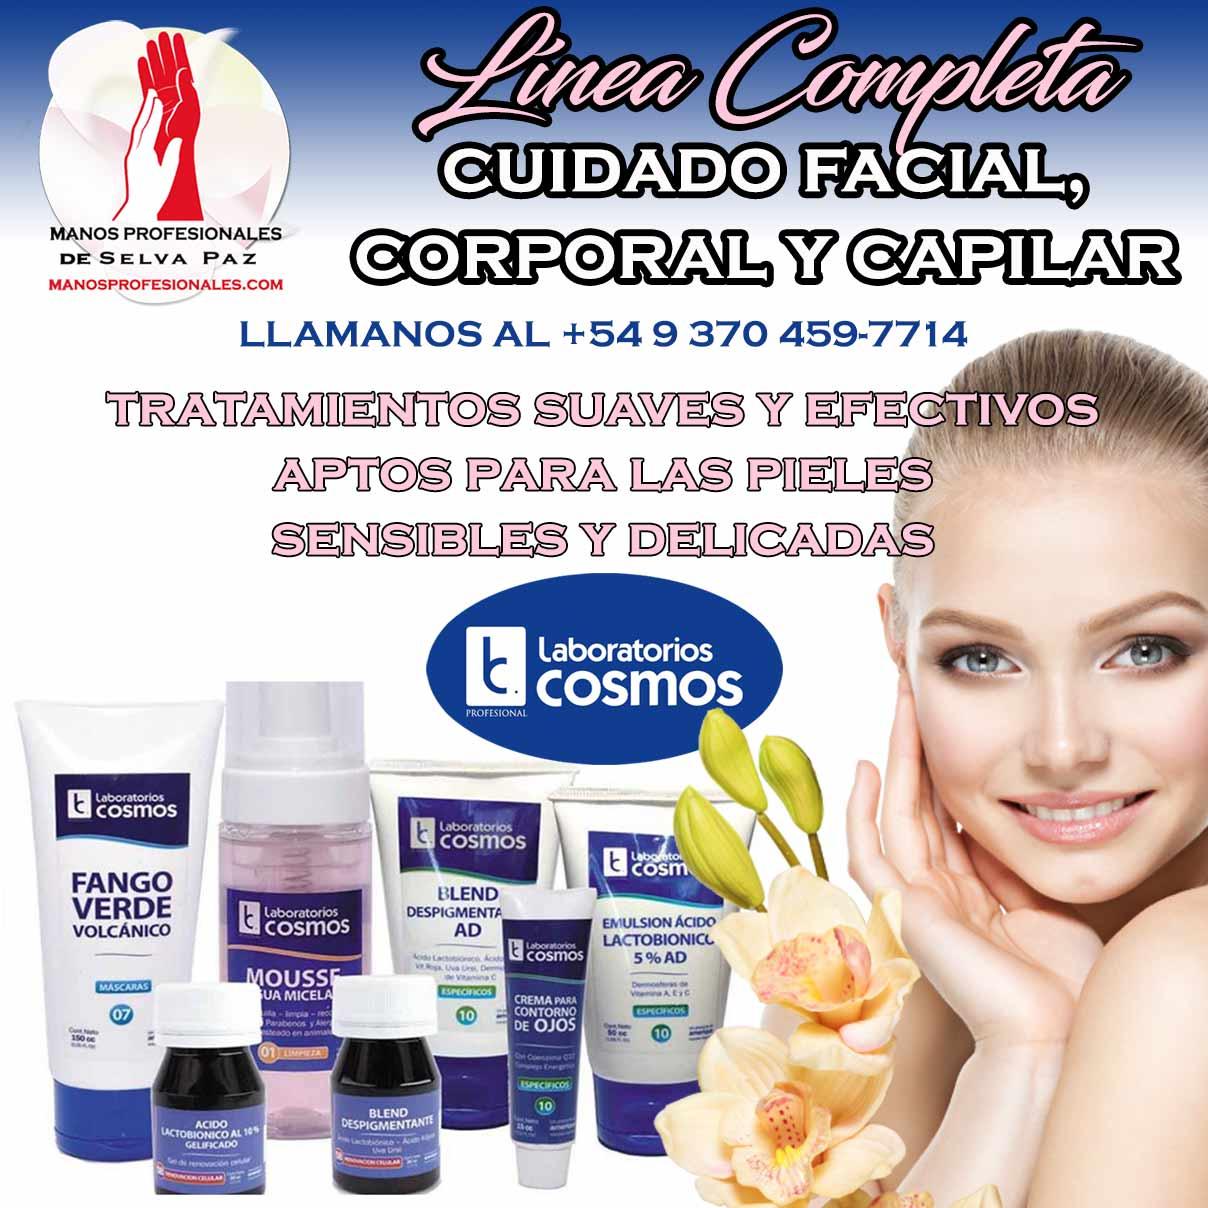 LABORATORIOS COSMOS LINEA COMPLETA, para el cuidado facial, corporal, capilar, para tratamientos suaves y efectivos aptos para las pieles sensibles y delicadas